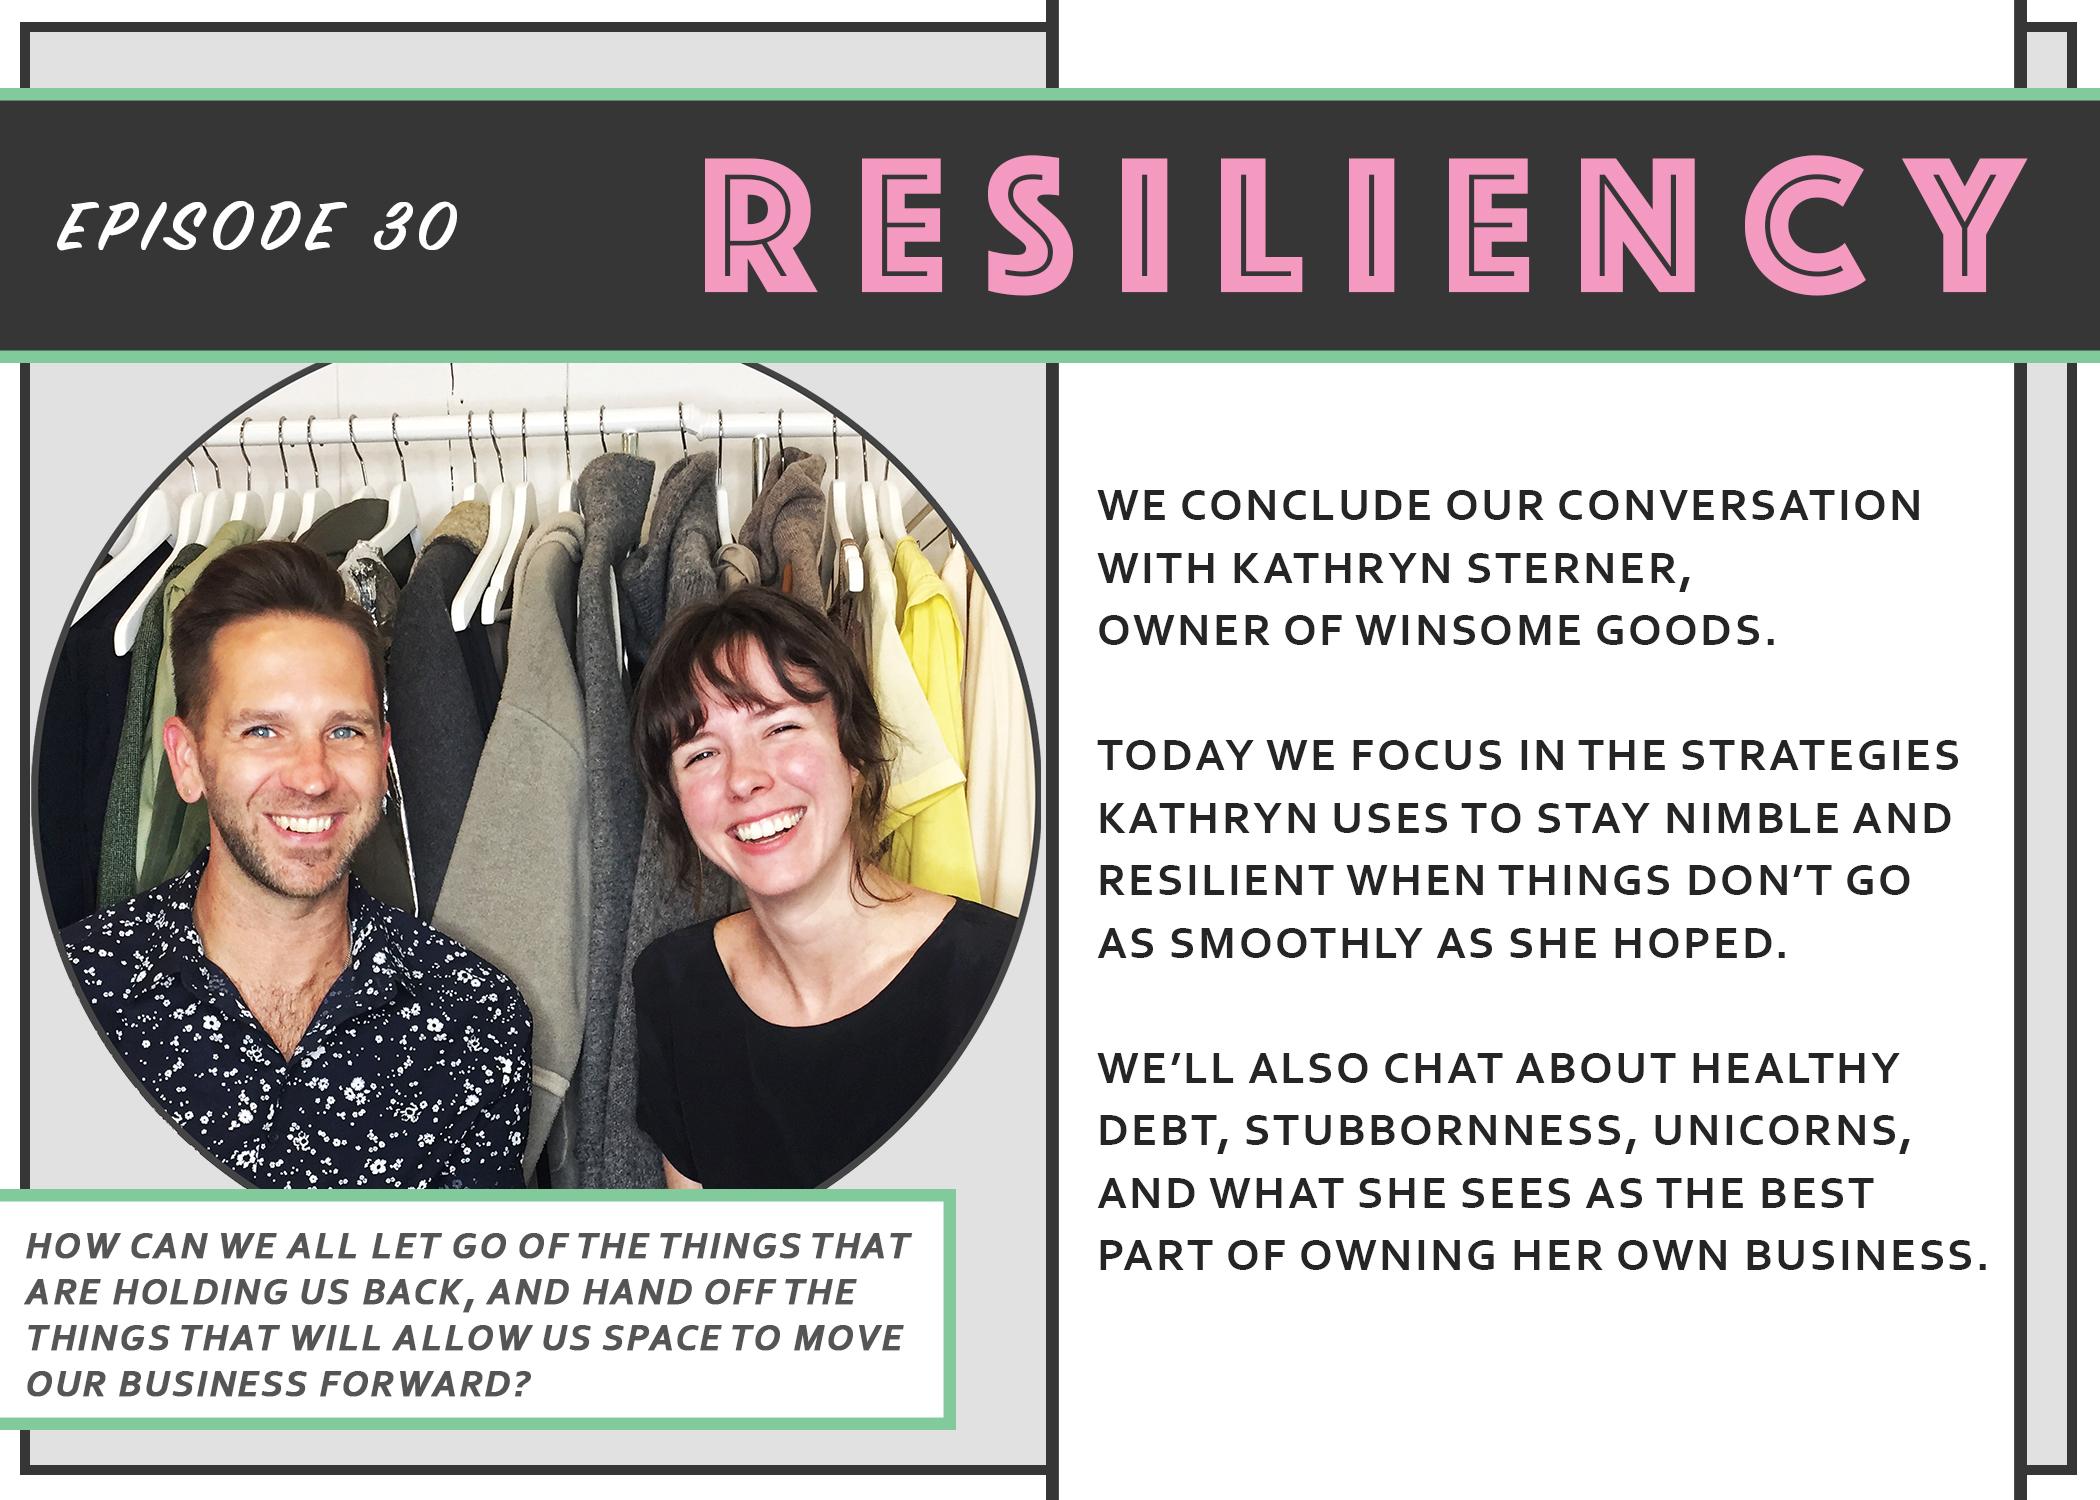 resiliency- kathryn- episode - card.jpg